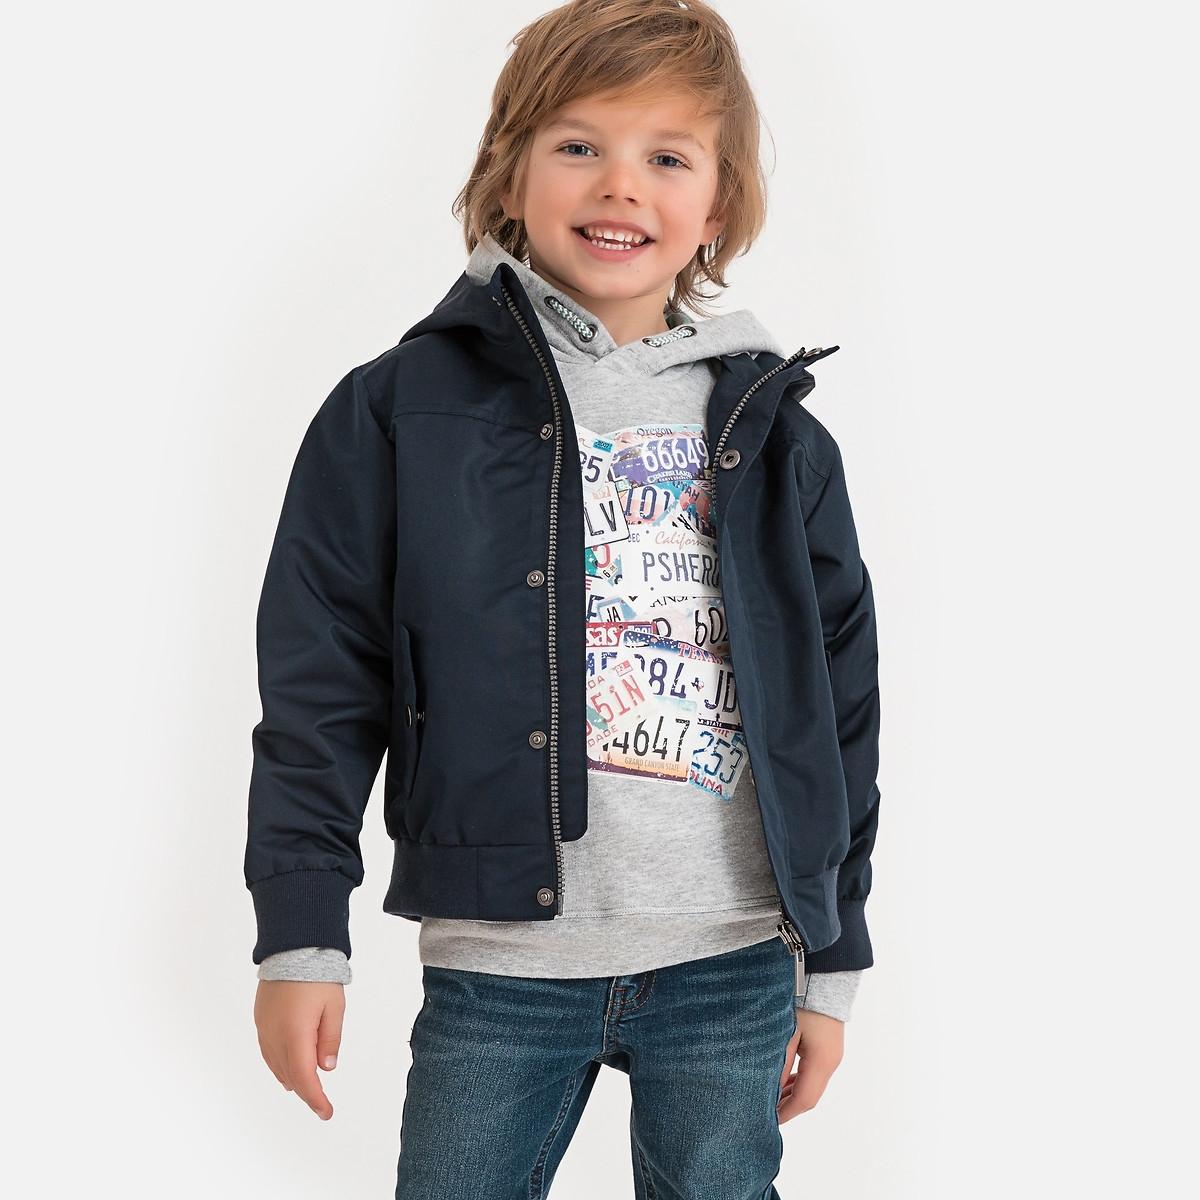 Фото - Куртка LaRedoute С капюшоном 3-12 лет 8 лет - 126 см синий рубашка laredoute джинсовая 3 12 лет 8 лет 126 см синий